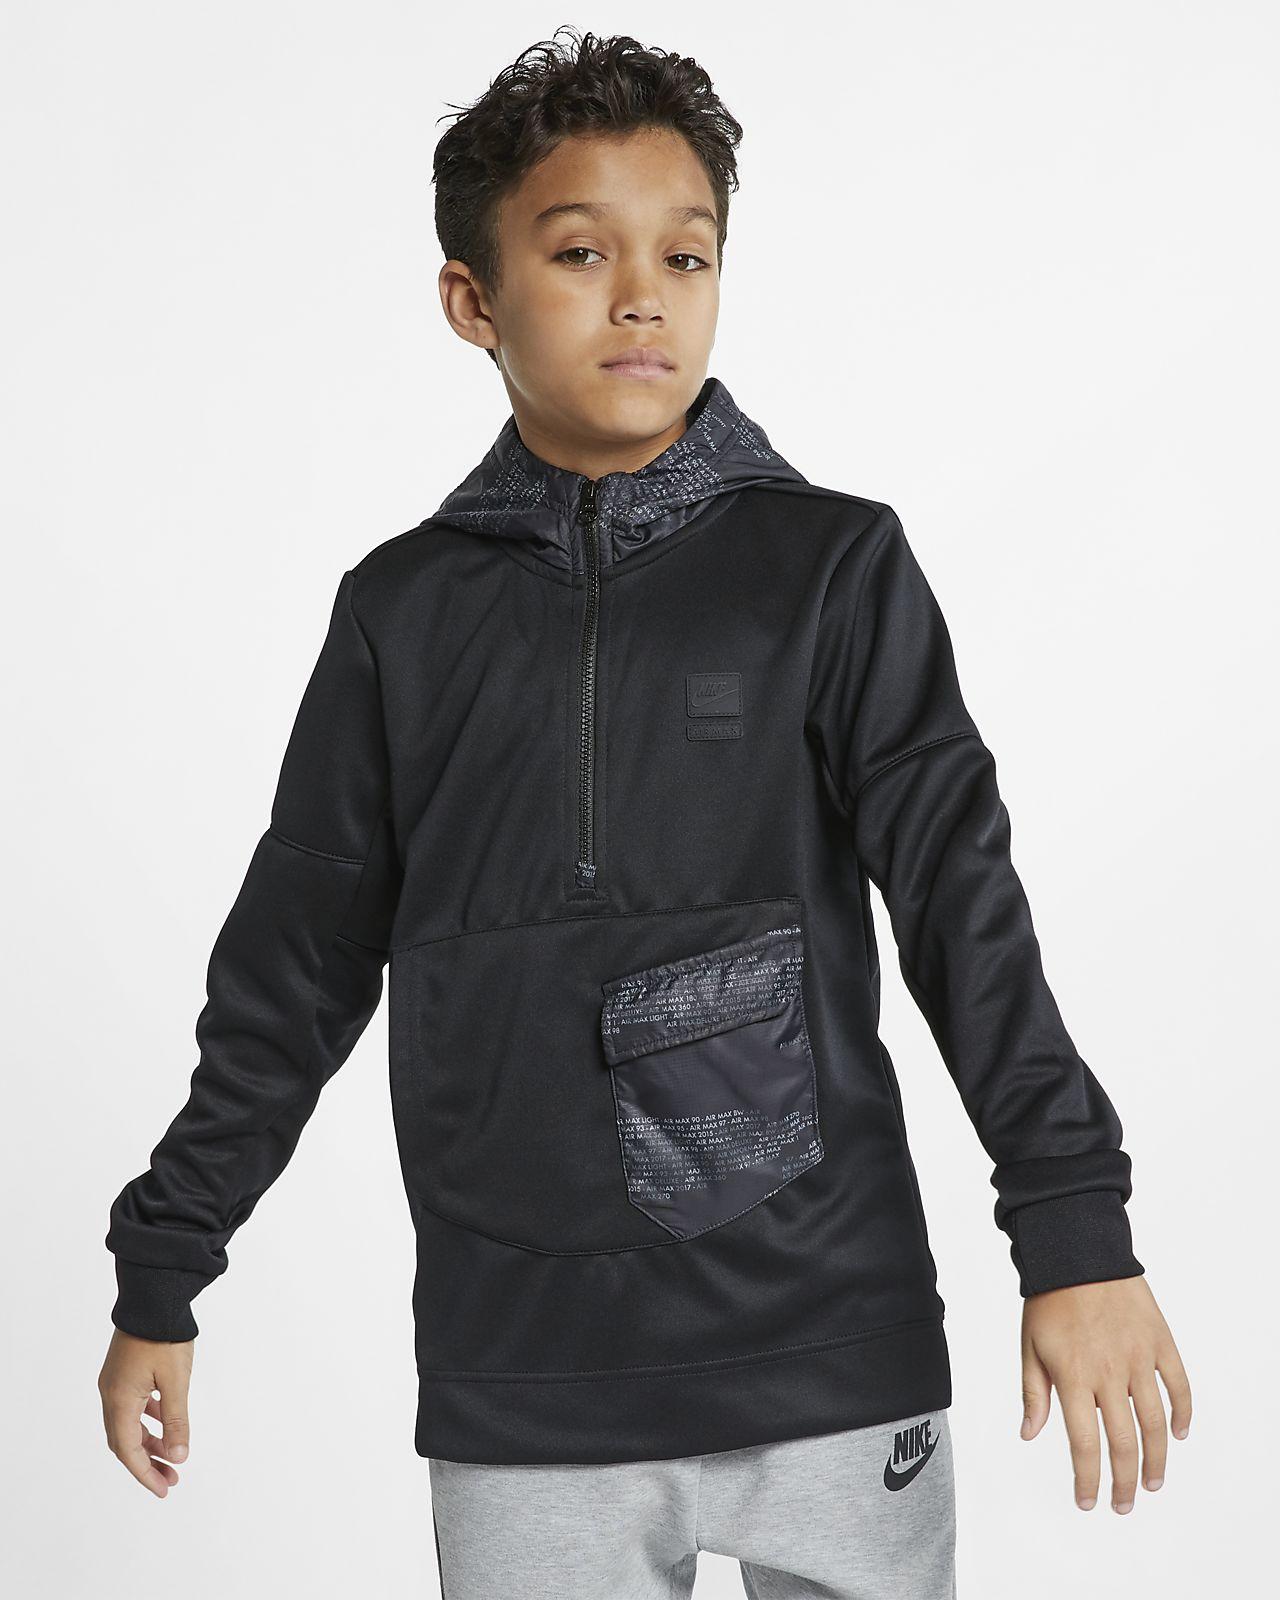 Nike Sportswear Yarım Fermuarlı Genç Çocuk (Erkek) Kapüşonlu Üst